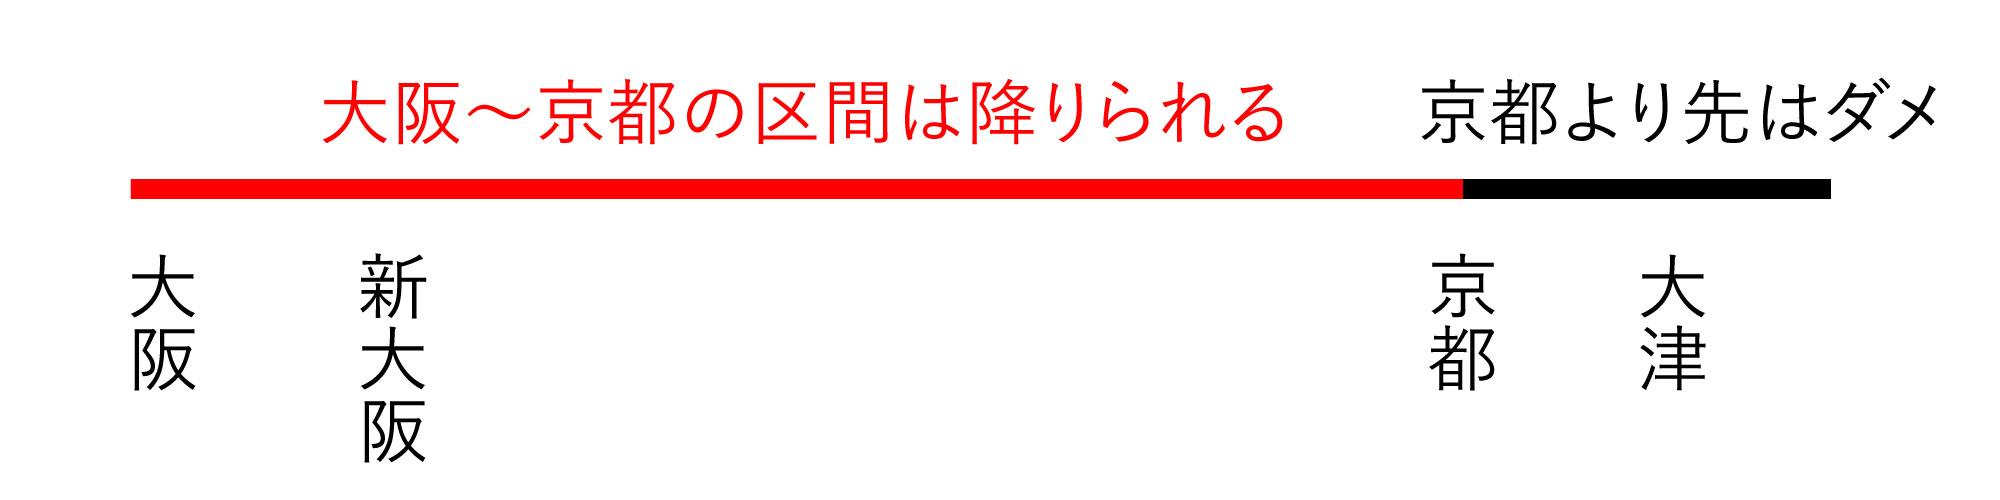 大阪から京都までなら好きな駅で降りられる